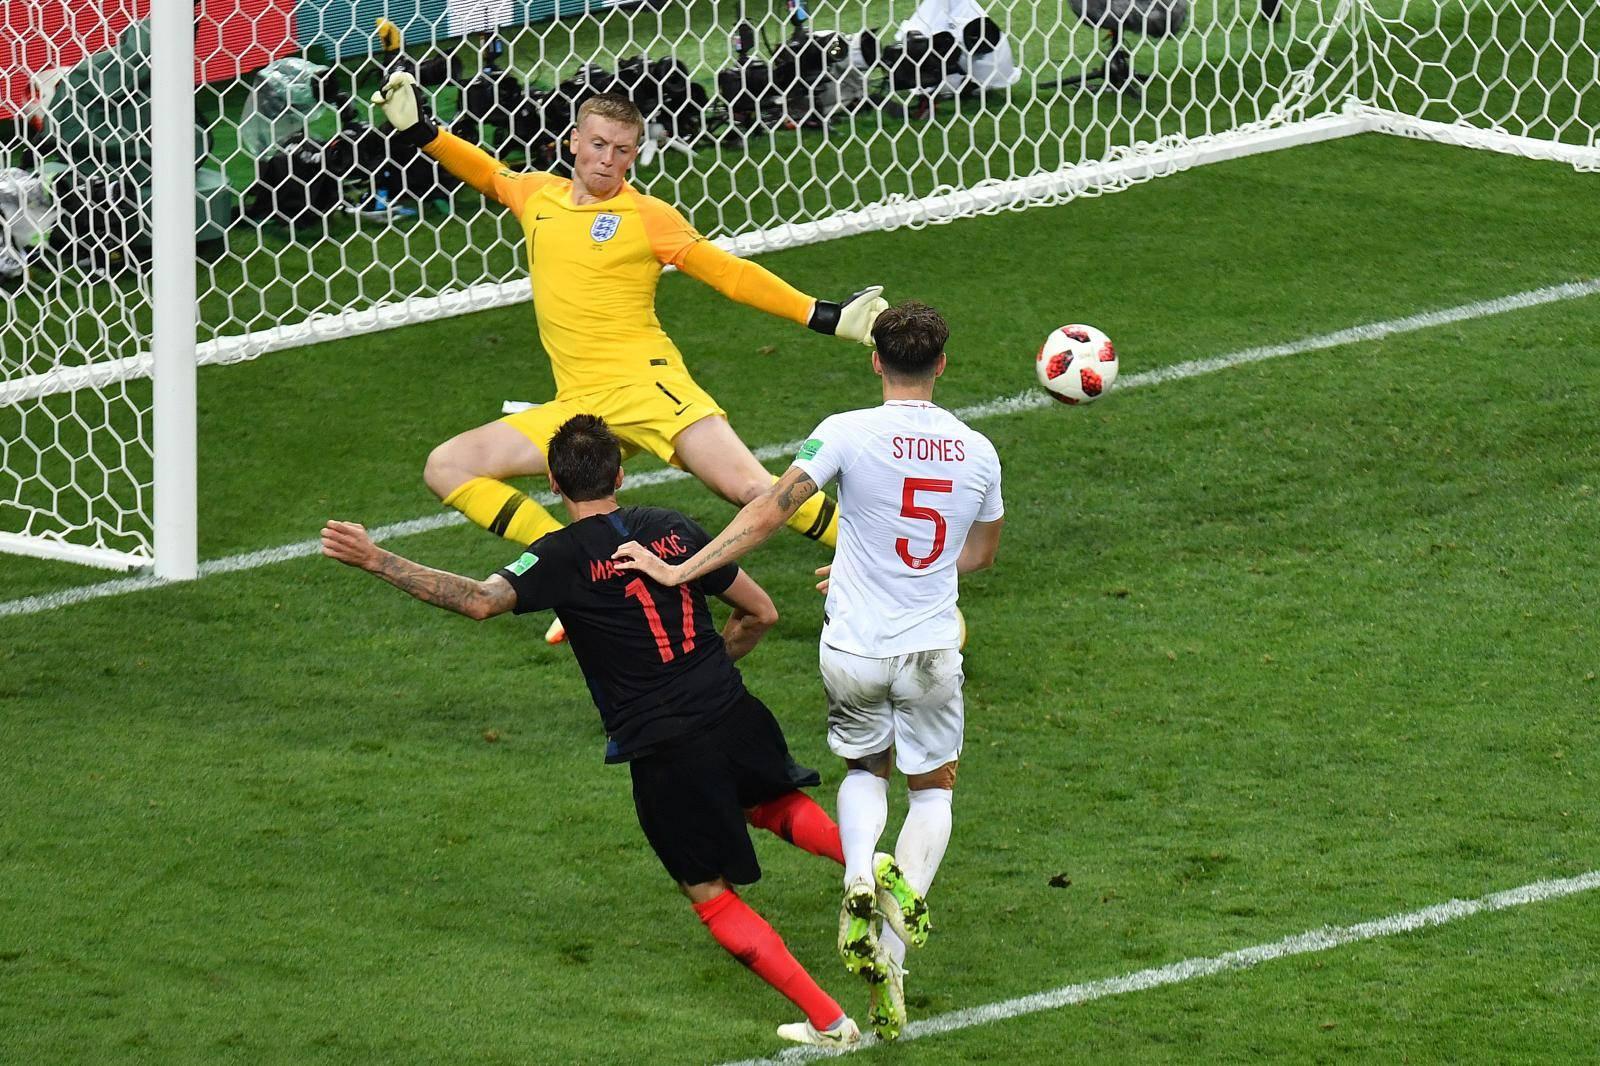 FIFA World Cup 2018 / Semi-finals / Croatia - England 2-1 nV.